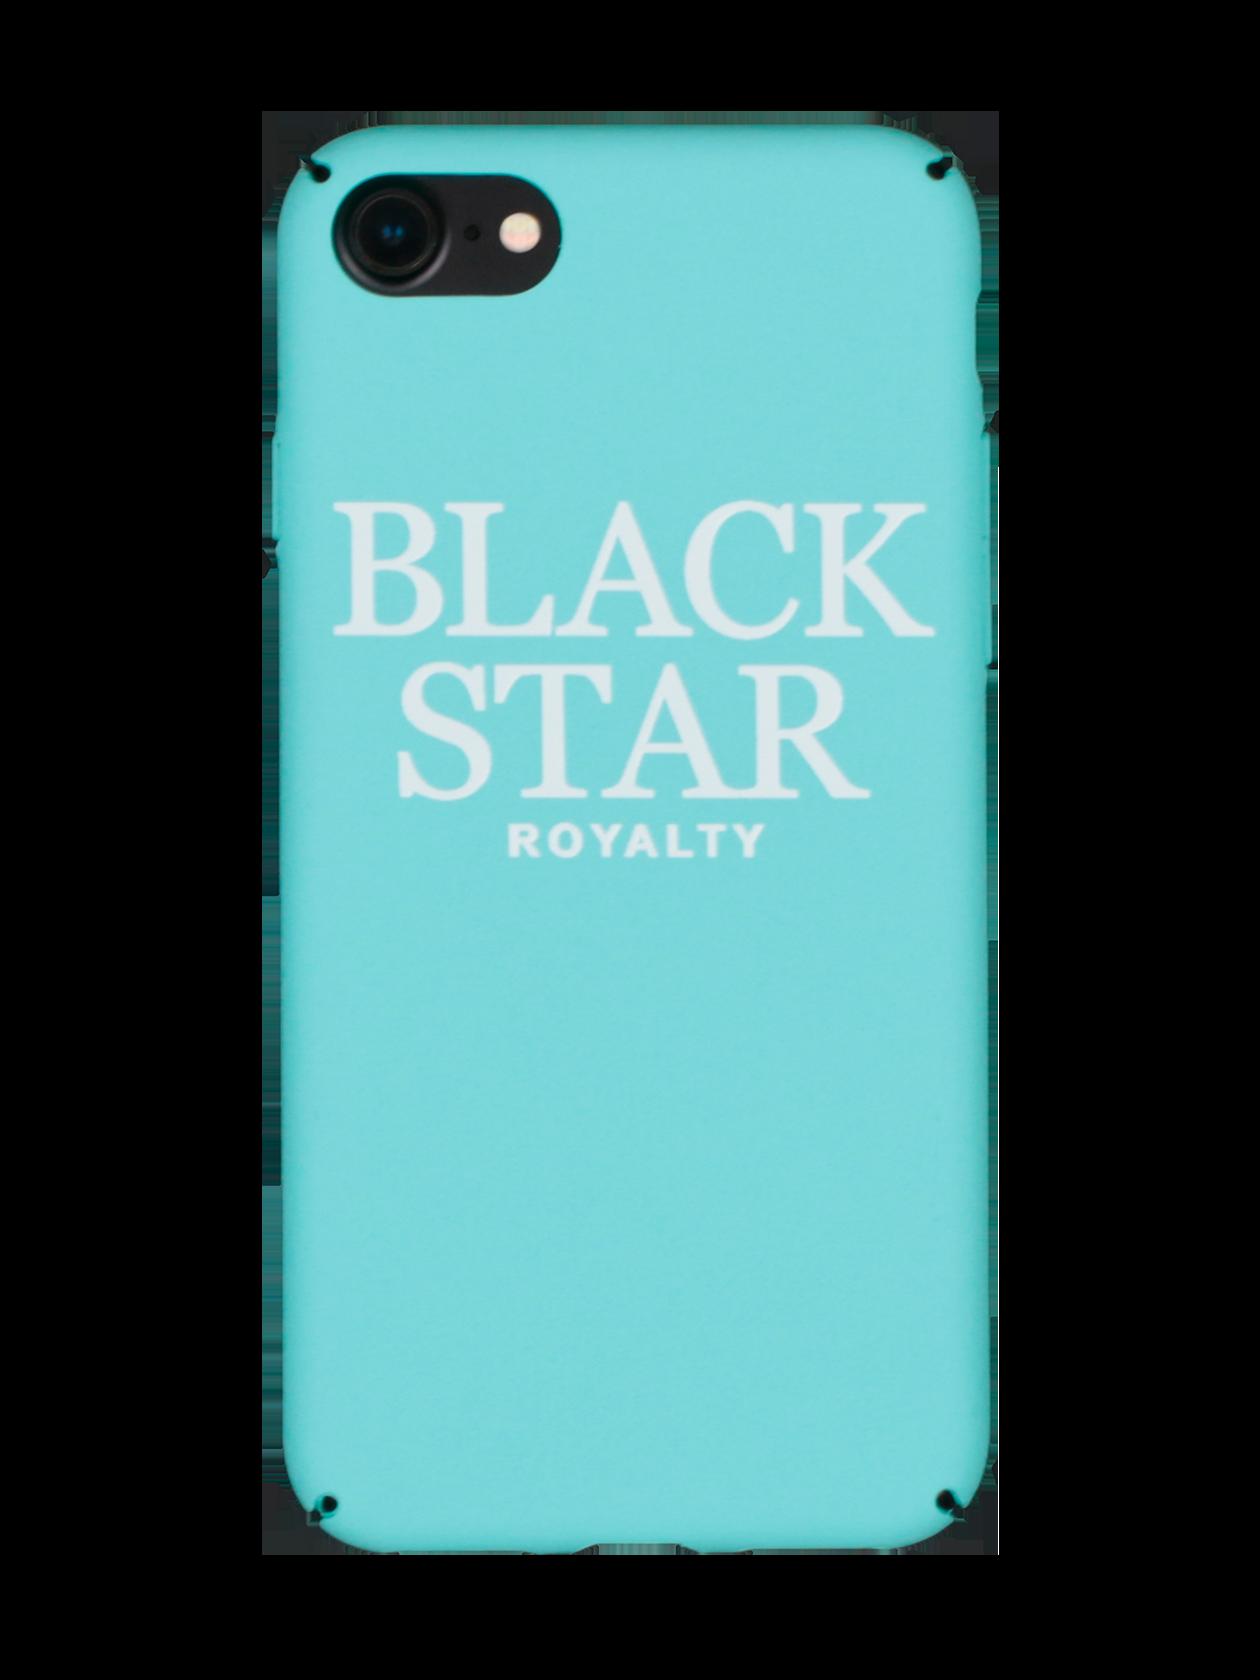 Чехол для телефона ROYALTY BLACK STARПрактичный чехол для телефона Royalty Black Star в виде задней стенки мобильного устройства. Модель создана из прочного пластика, предотвращающего образование трещин, сколов на корпусе гаджета и попадание пыли. Изделие привлекает внимание яркой ментоловой расцветкой. В комбинации с фирменной надписью Black Star Royalty чехол становится стильным аксессуаром для любимого девайса. Он идеально повторяет форму телефона, оставляя доступ к имеющимся разъемам и опциям.<br><br>Размер: 5<br>Цвет: Ментоловый<br>Пол: Унисекс